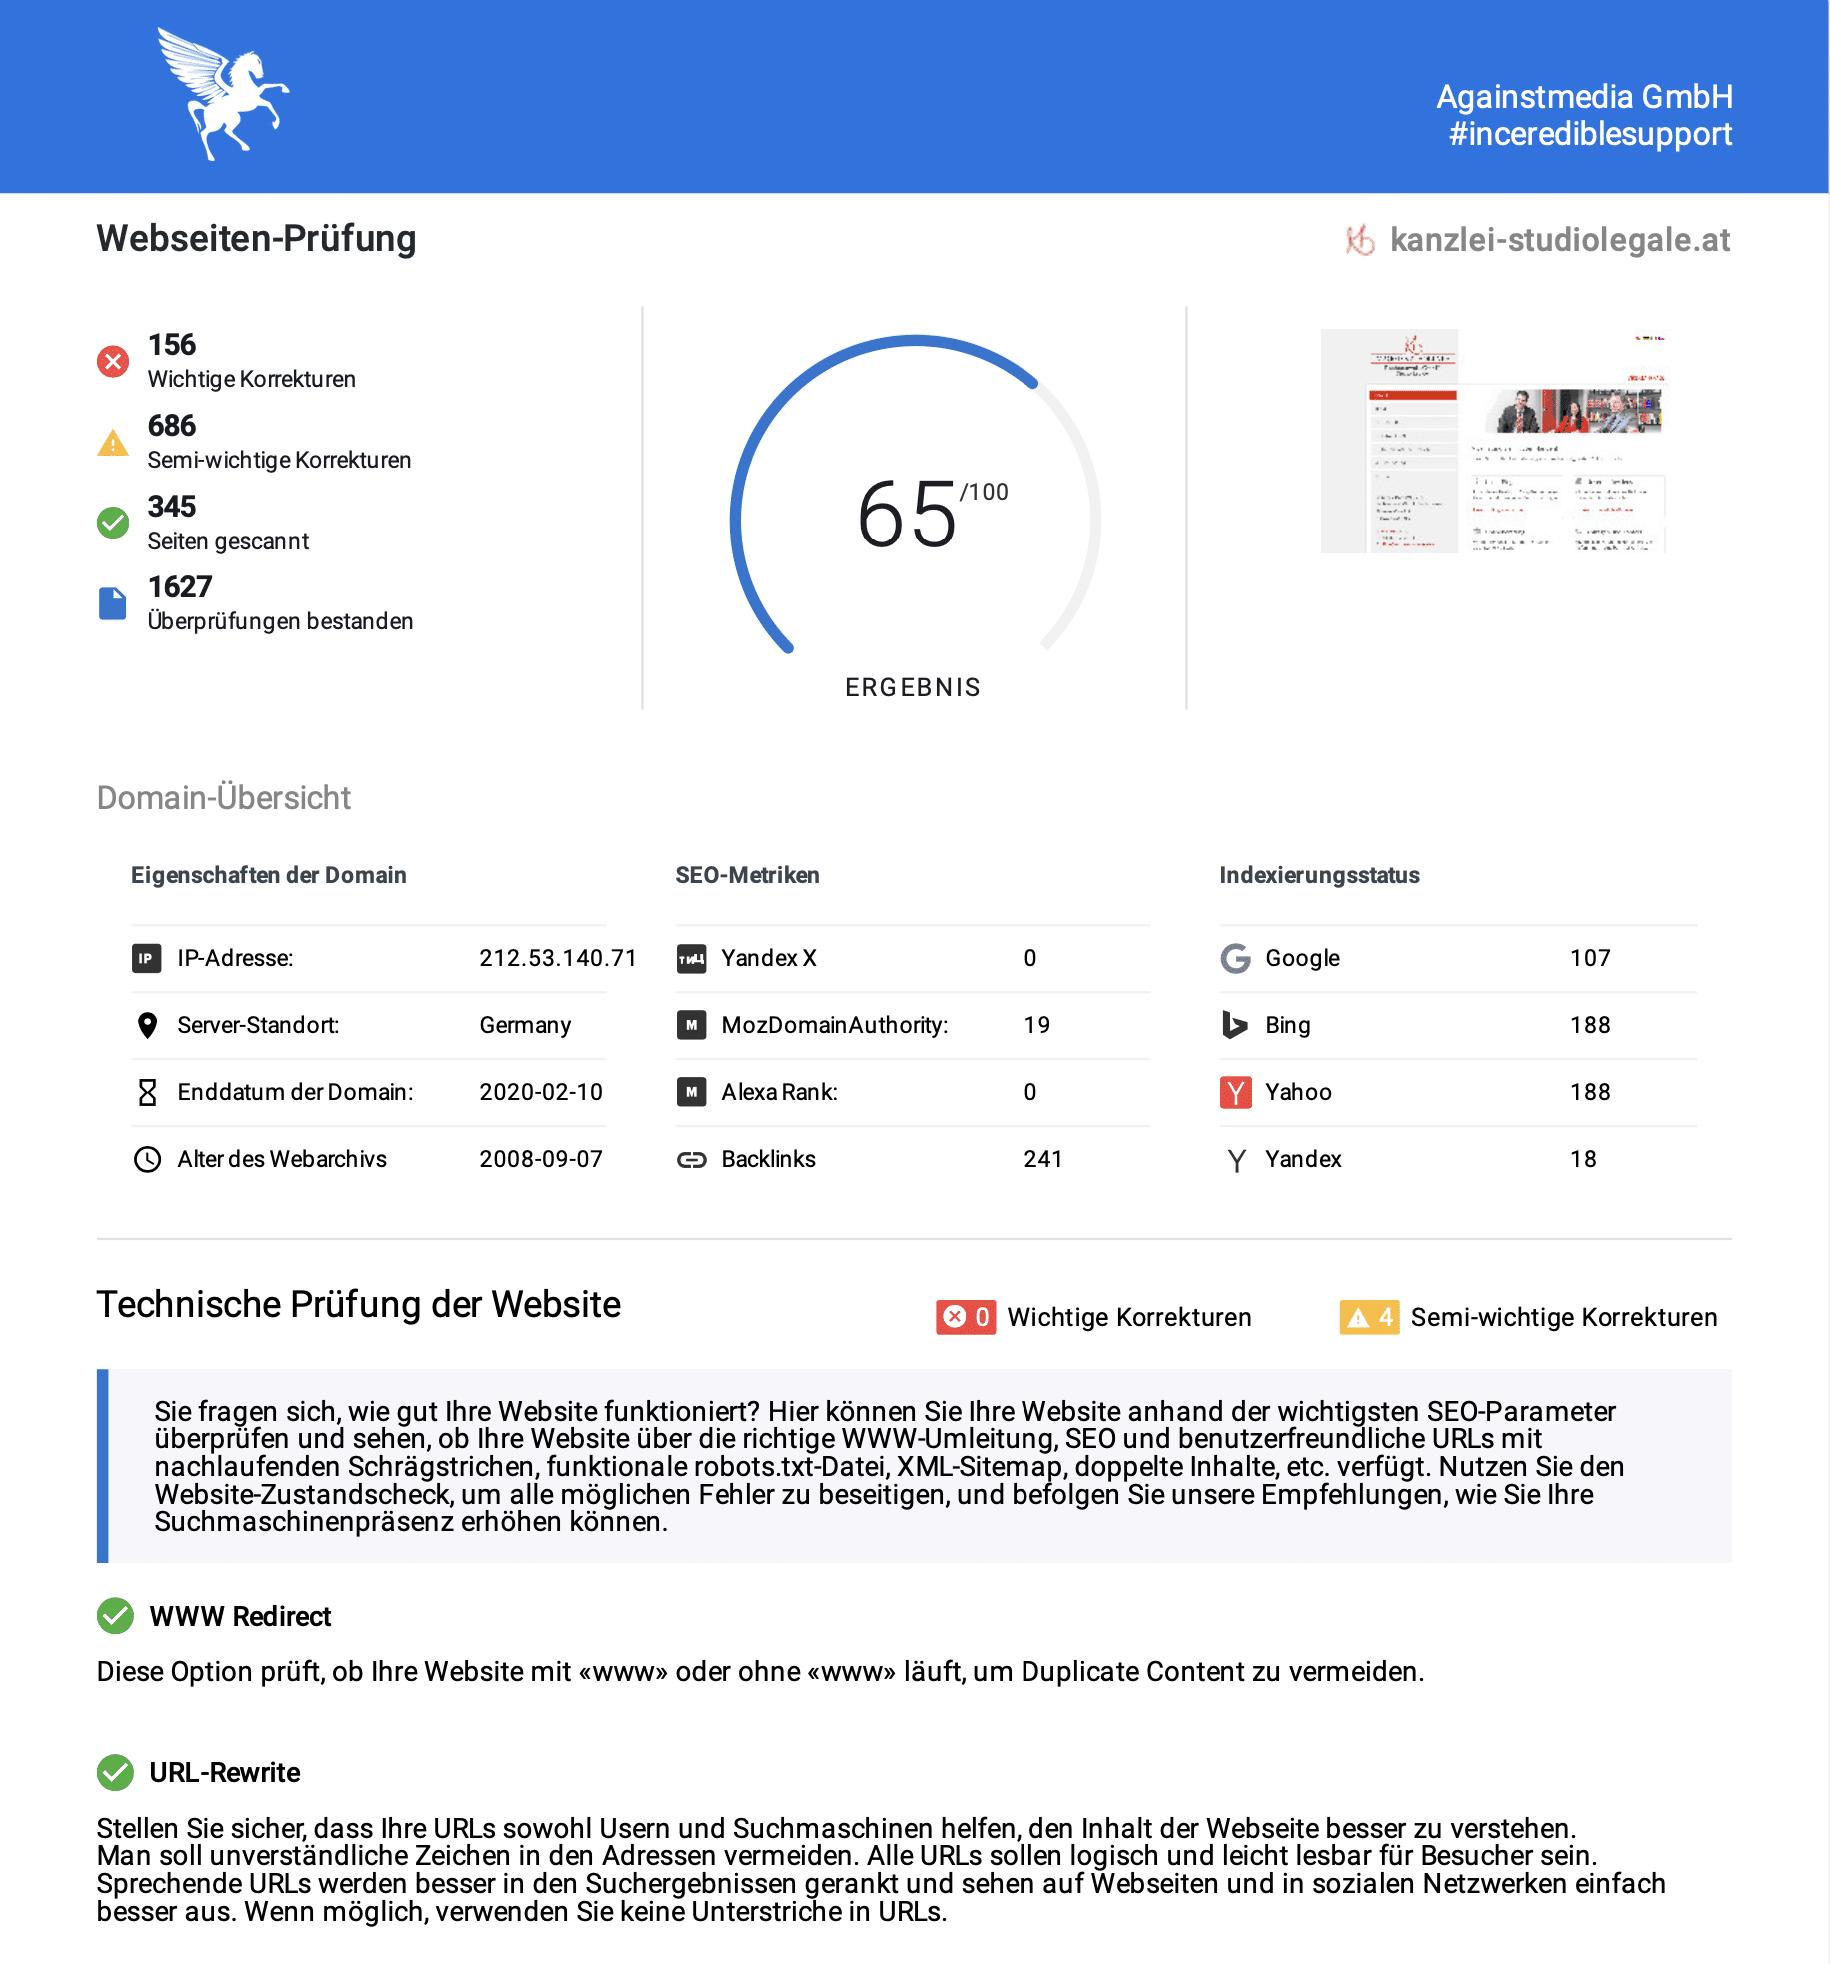 Abschnitt des technischen Website Audit für Kanzlei Studio Legale aus Klagenfurt